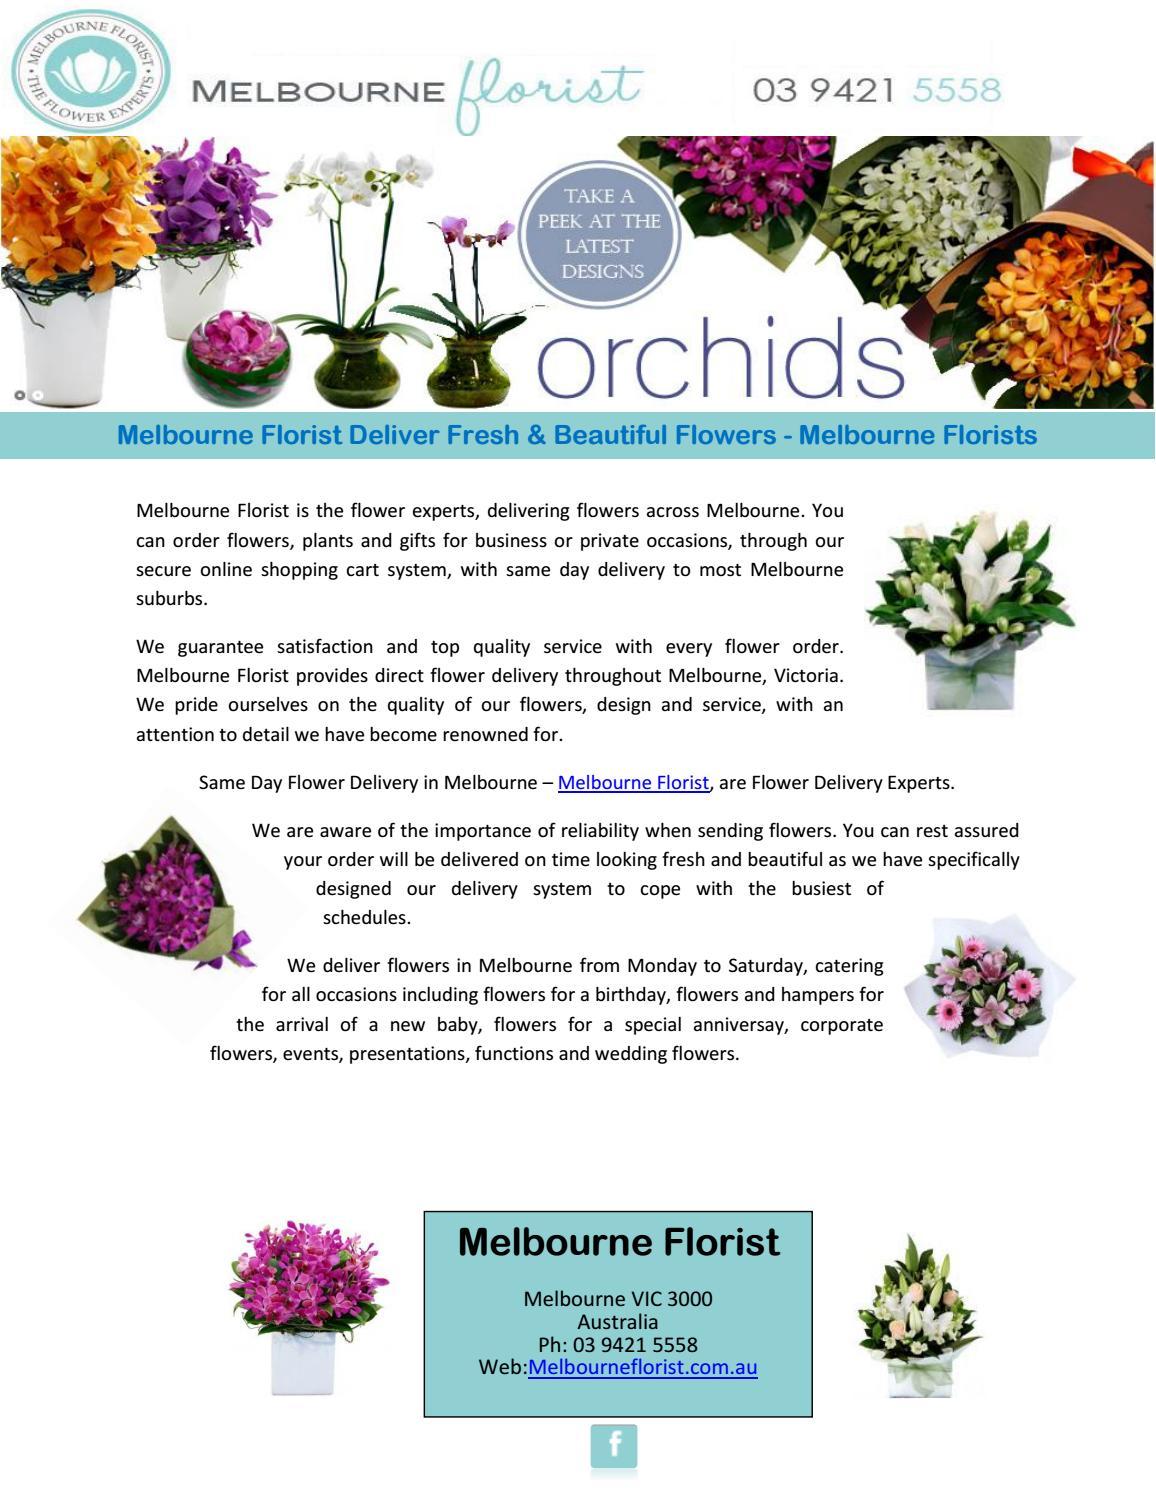 Melbourne Florist Deliver Fresh